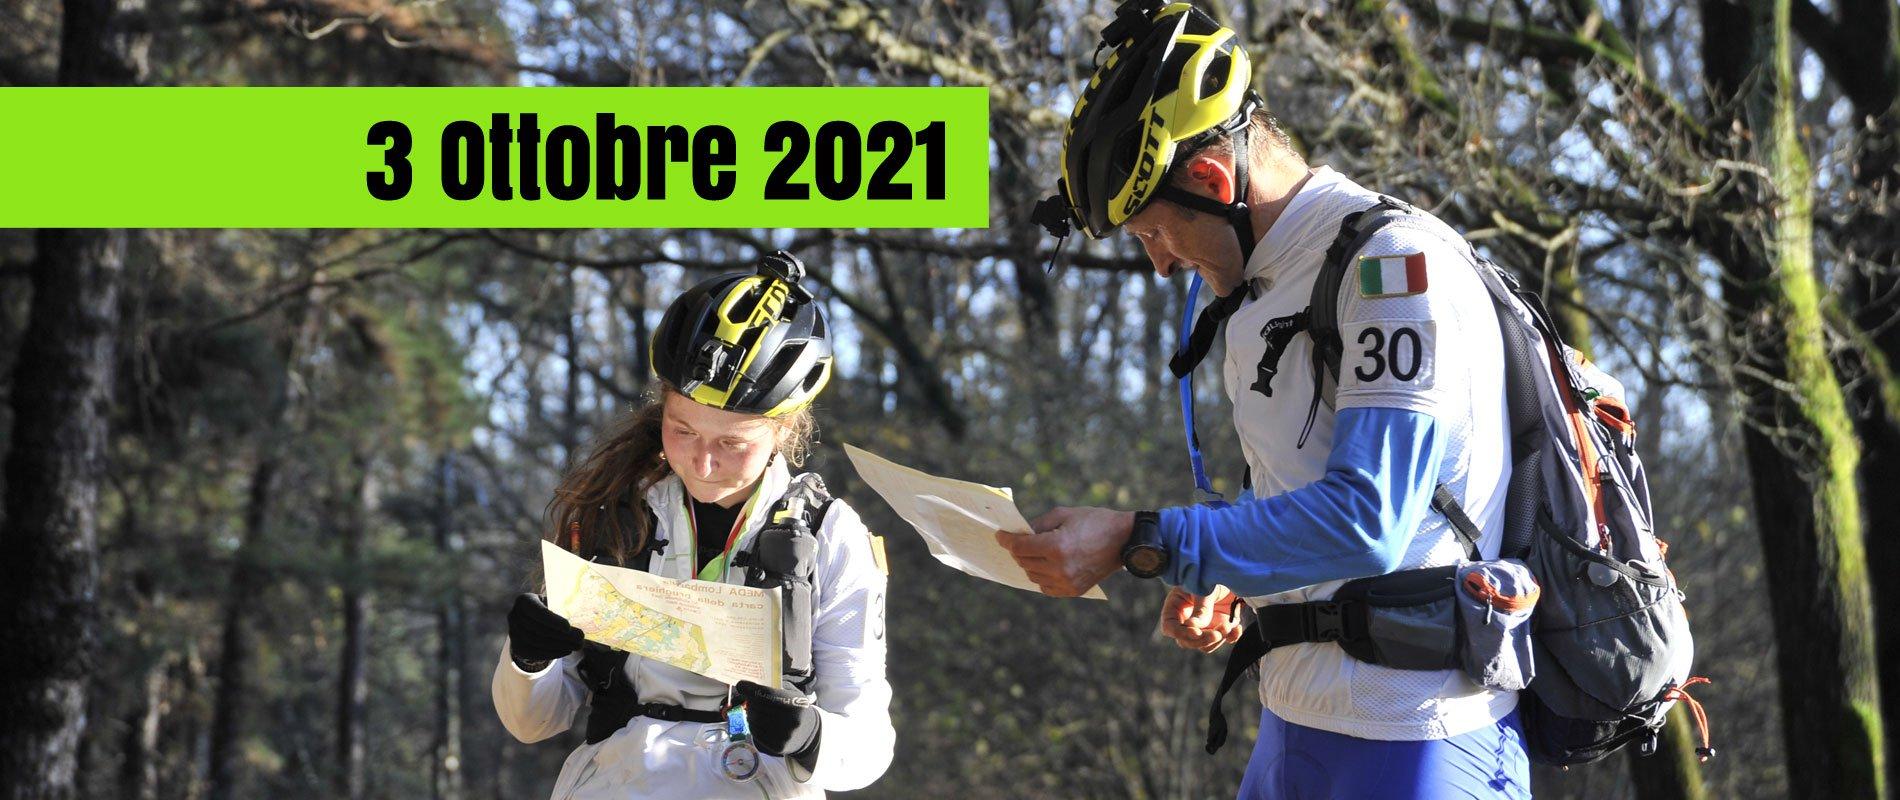 Nirvana Raid Adventure Race Multisport 2021